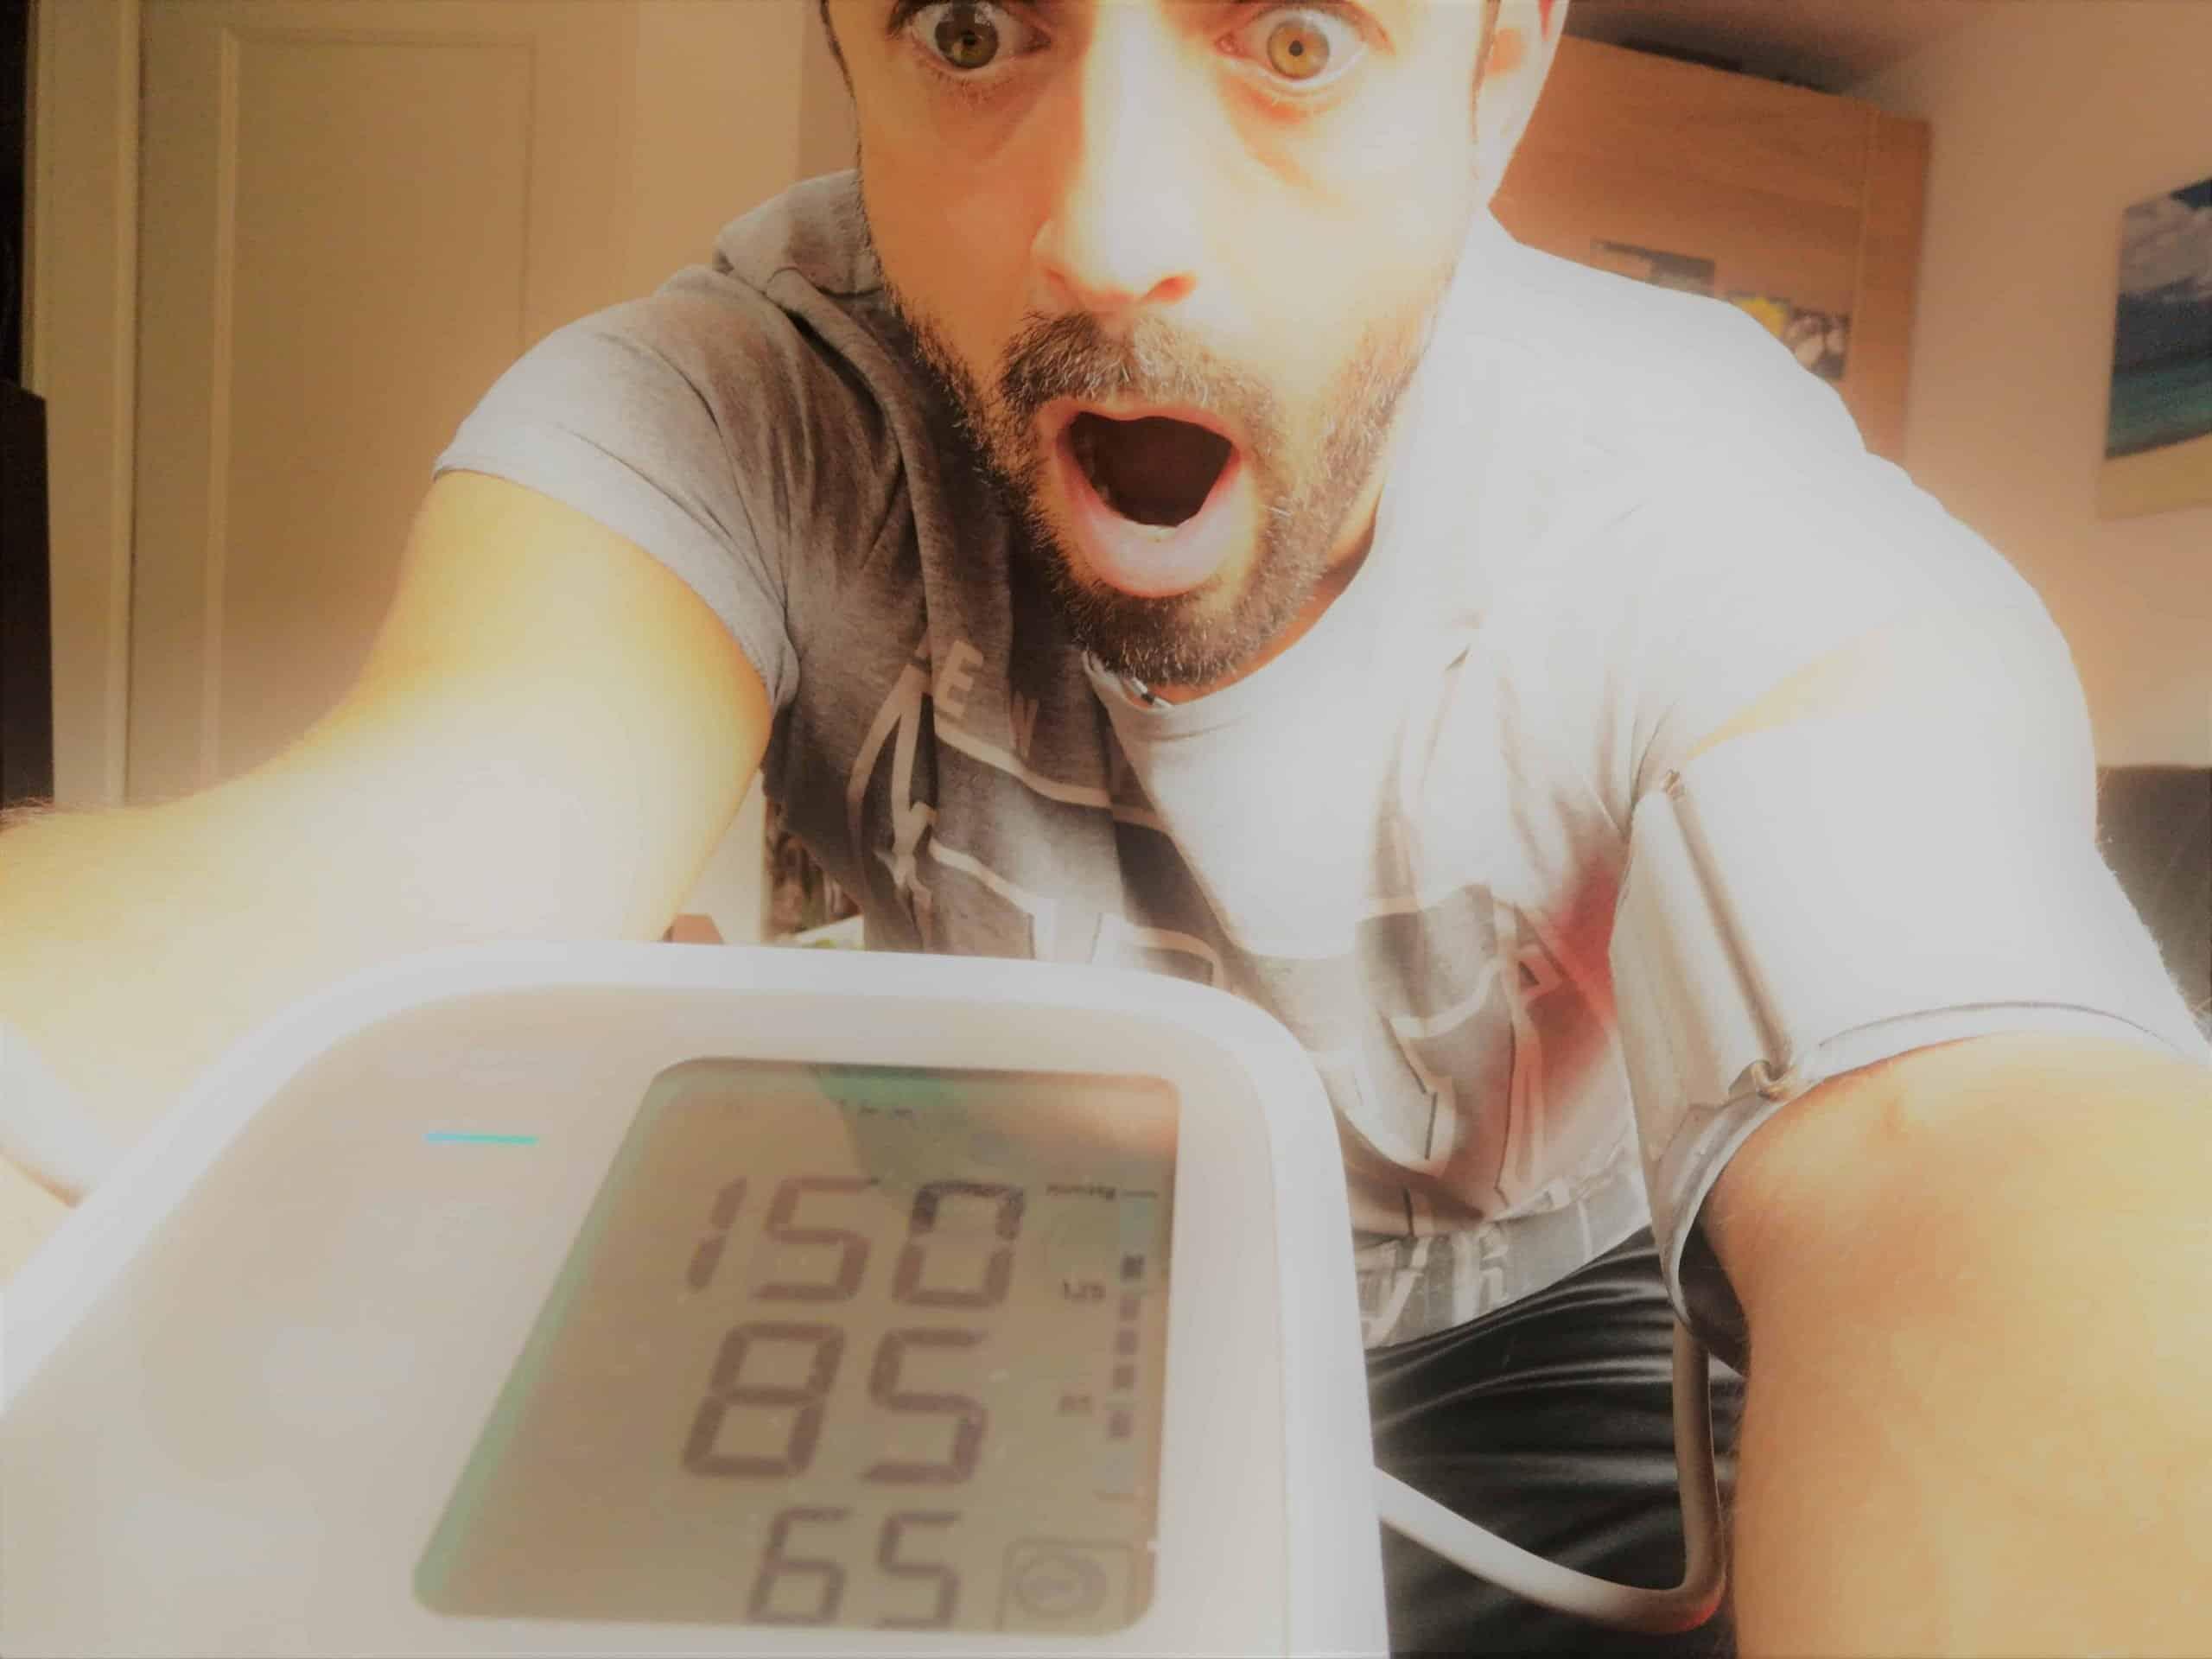 Marc Dietschi schaut erschrocken auf sein Blutdruck-Messgerät, welches einen viel zu hohen Blutdruck anzeigt.